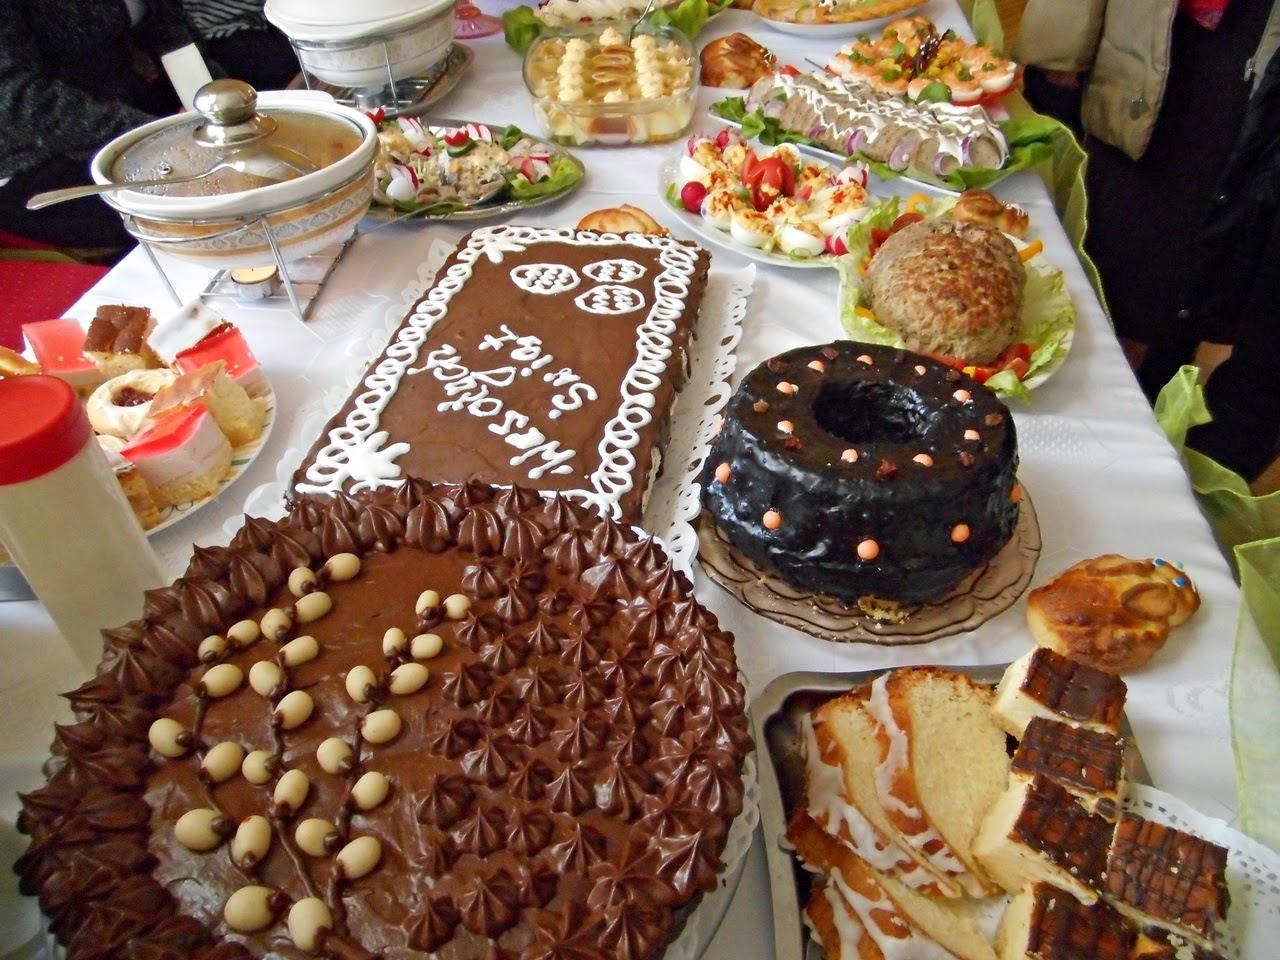 świąteczne wypieki, kremy, stoły wielkanocne, ciasta